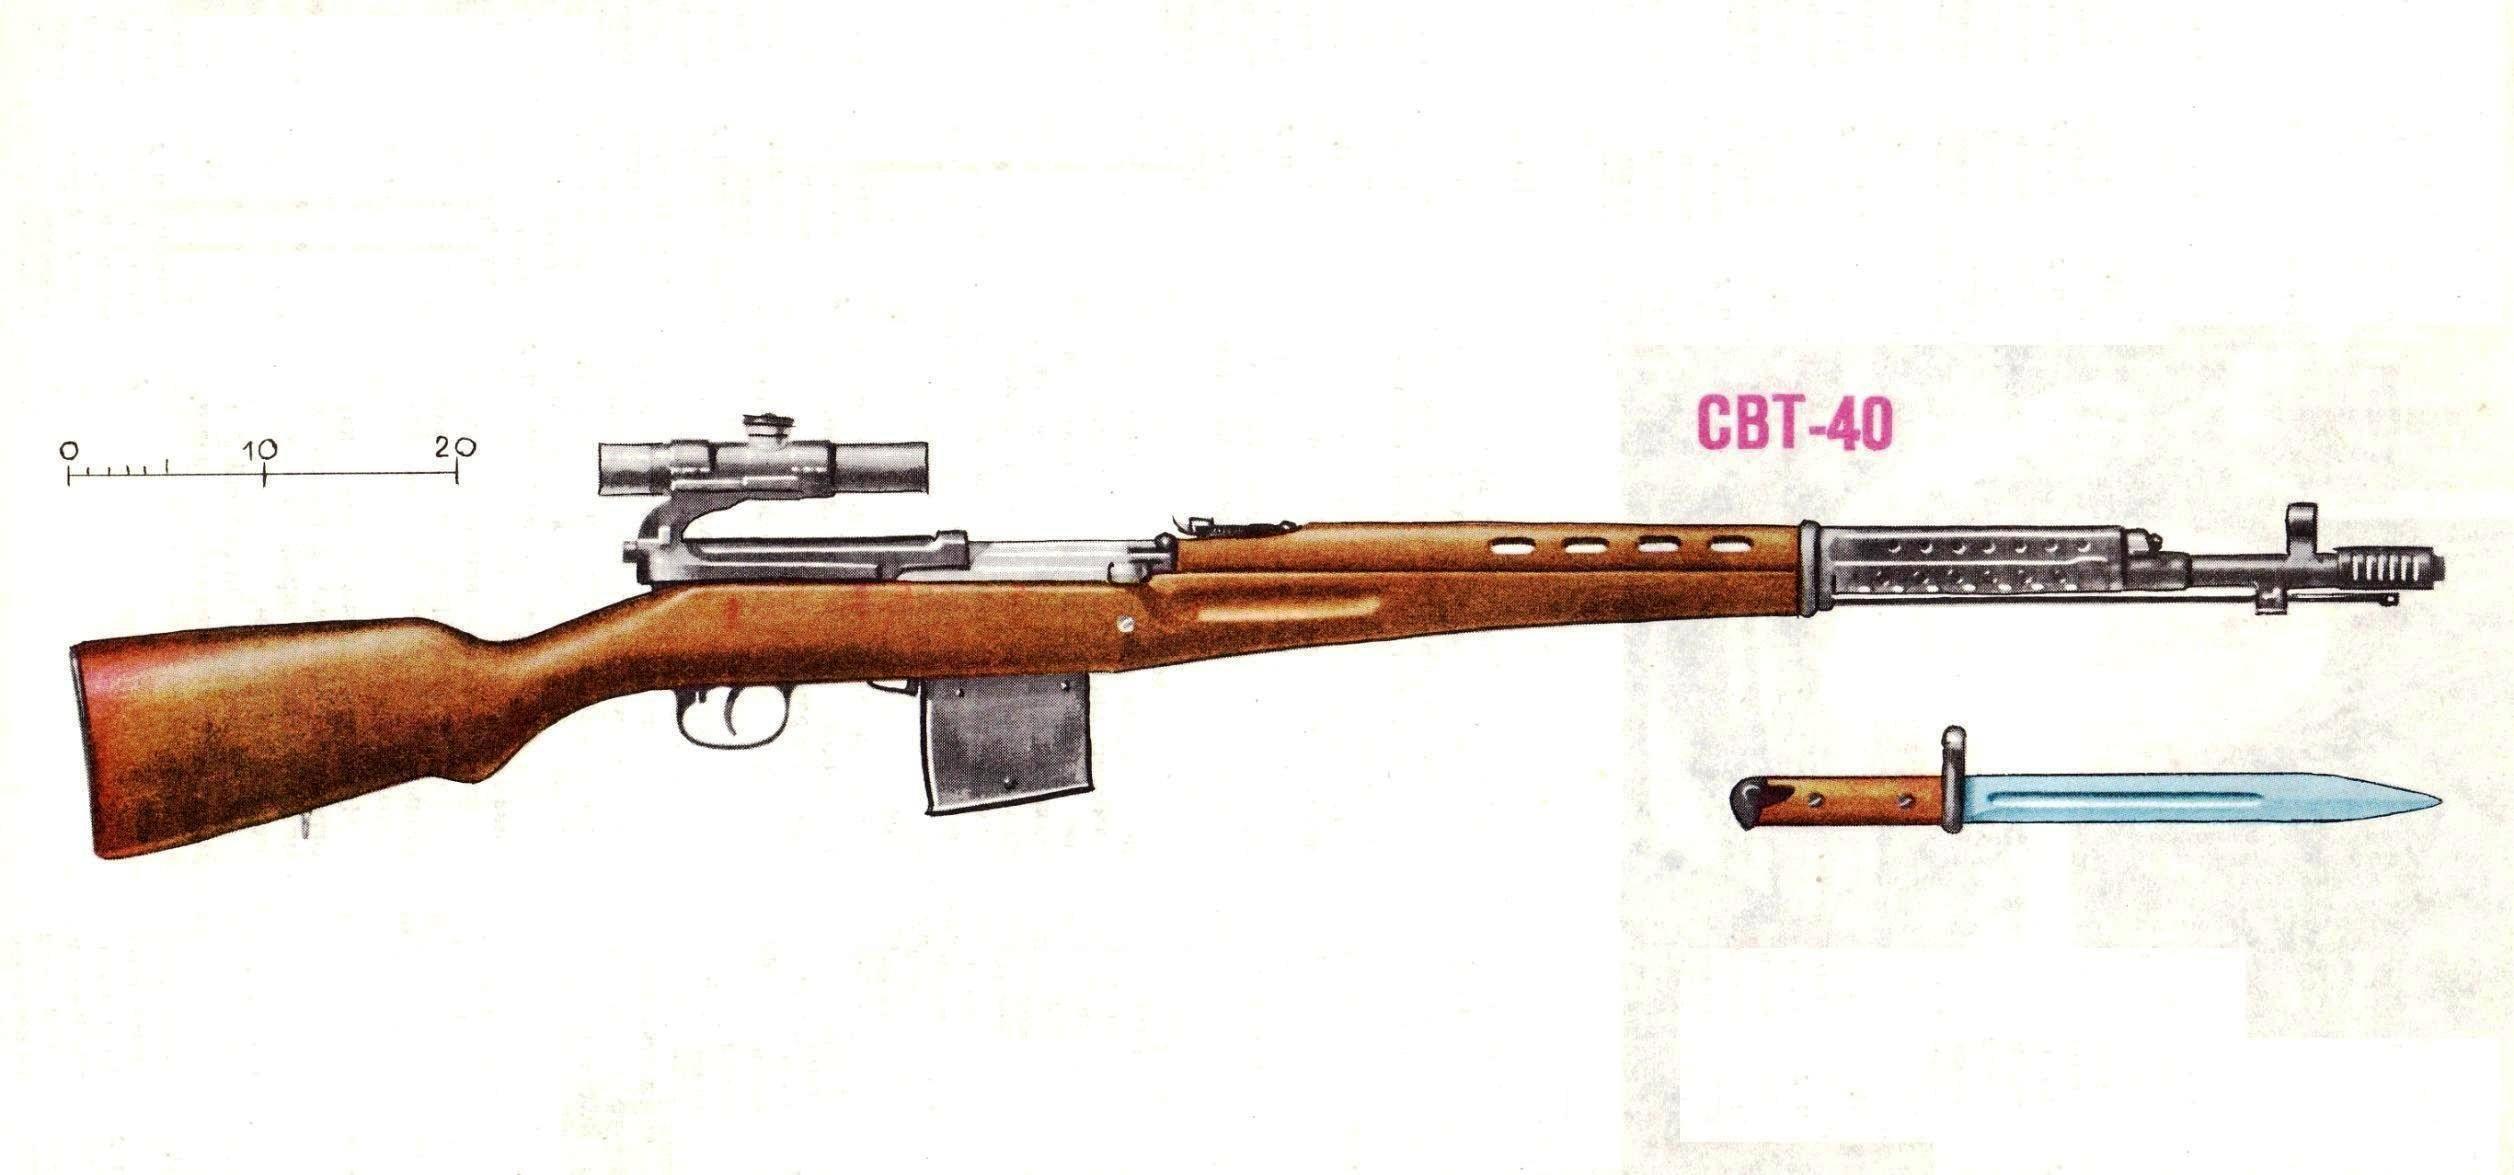 «солдаты слишком глупые для свт-40»: почему вместо нее приняли худшую винтовку – мосина | русская семерка